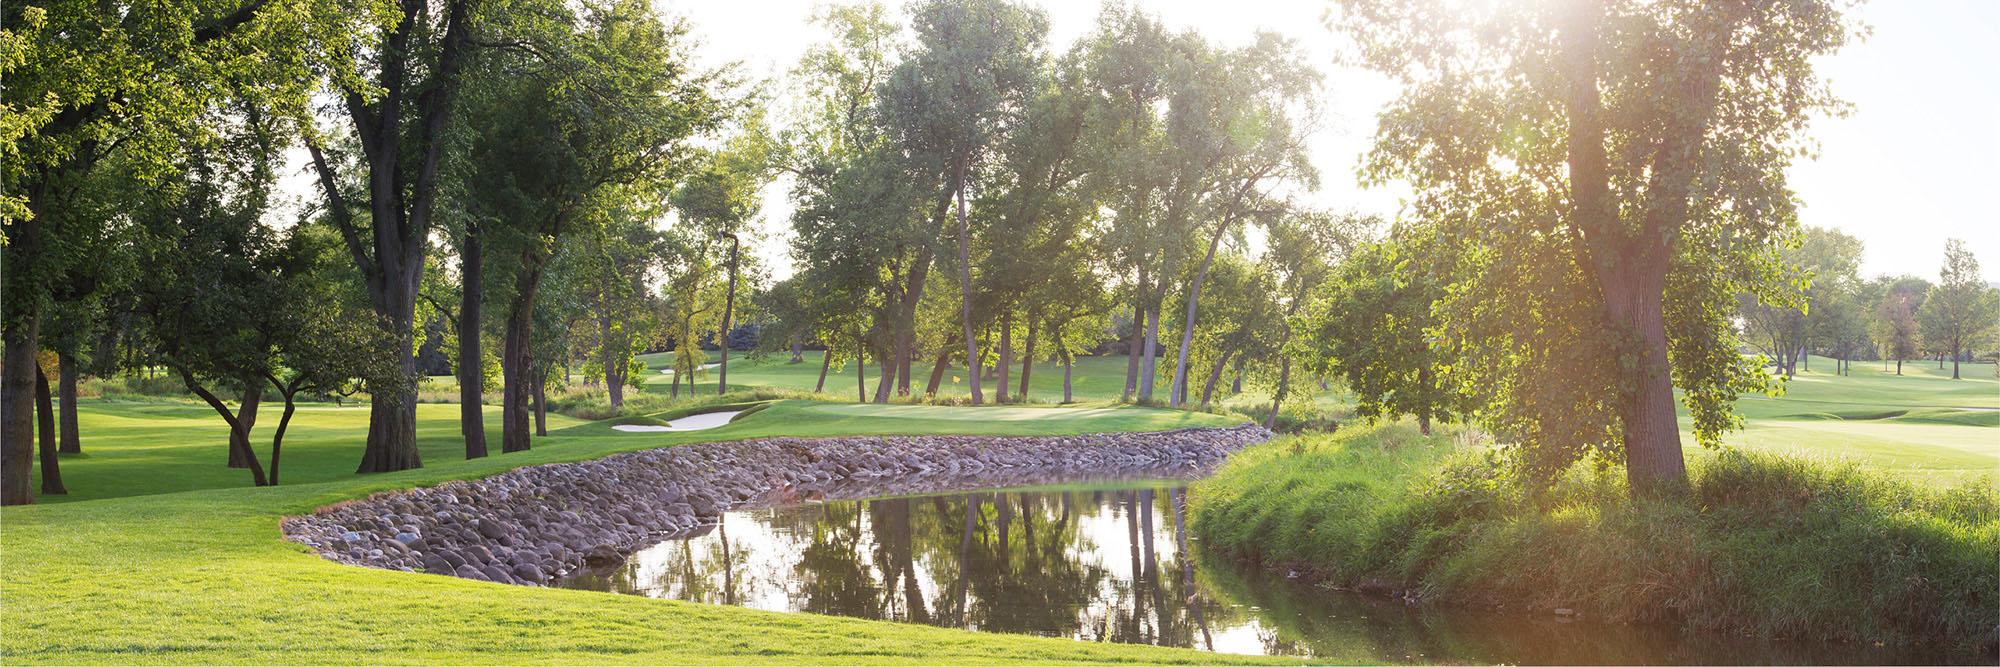 Golf Course Image - Butler National No. 8